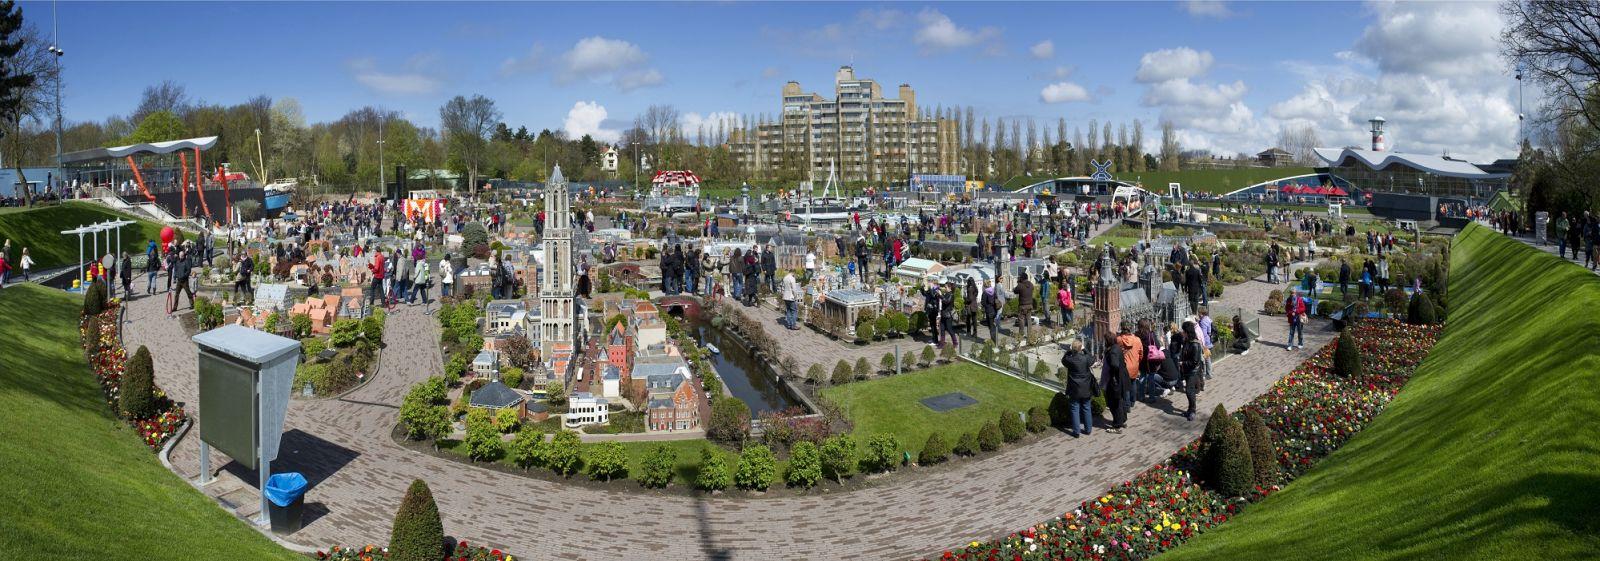 panorama_park.jpg